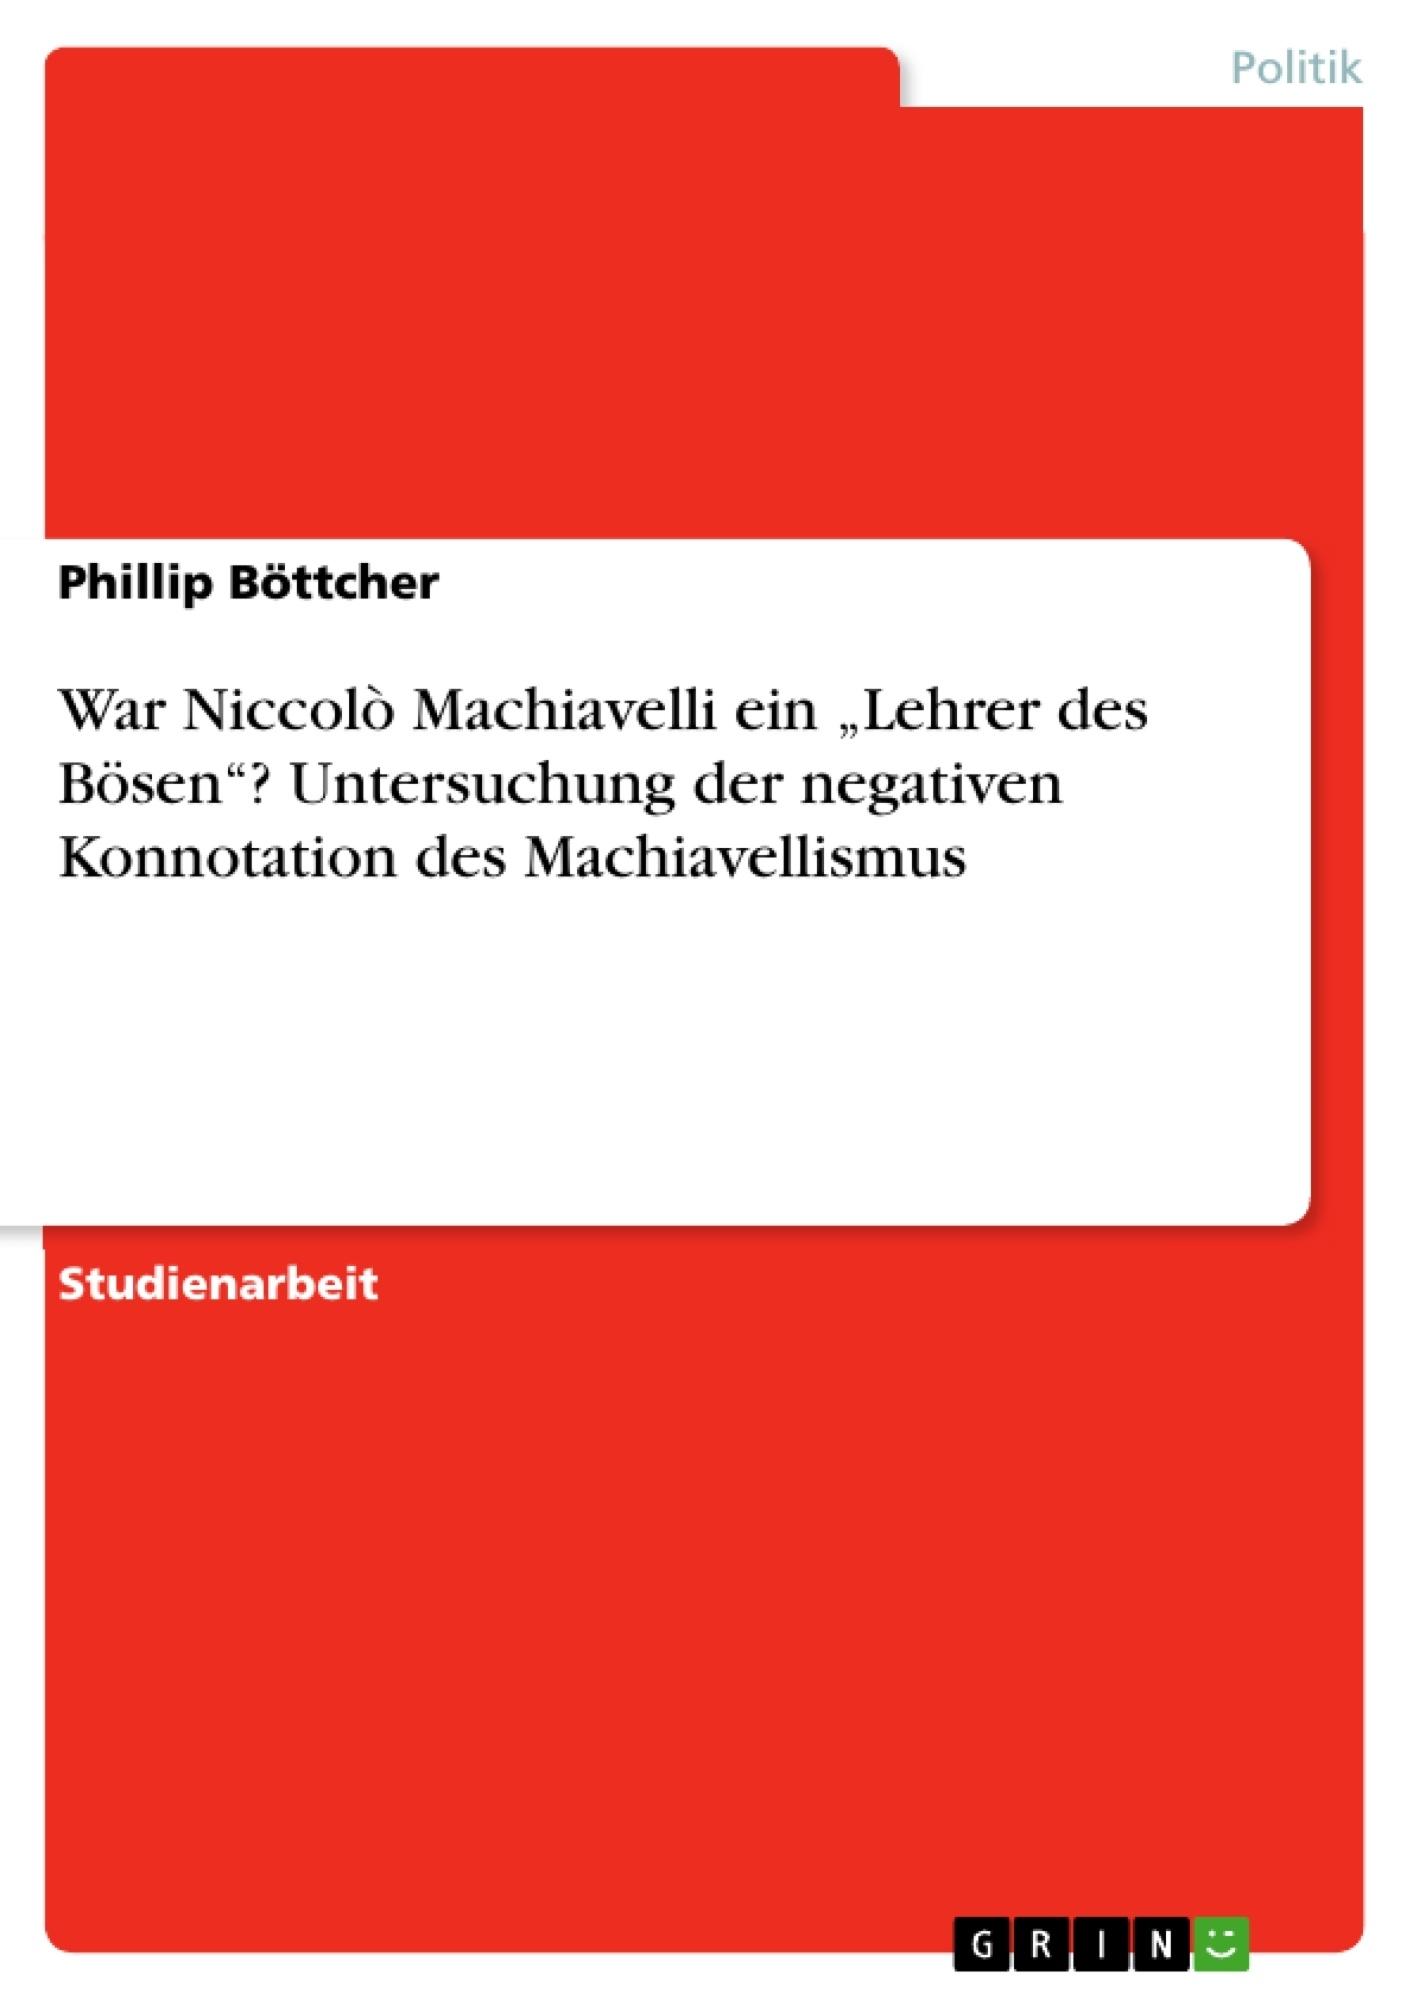 """Titel: War Niccolò Machiavelli ein """"Lehrer des Bösen""""? Untersuchung der negativen Konnotation des Machiavellismus"""